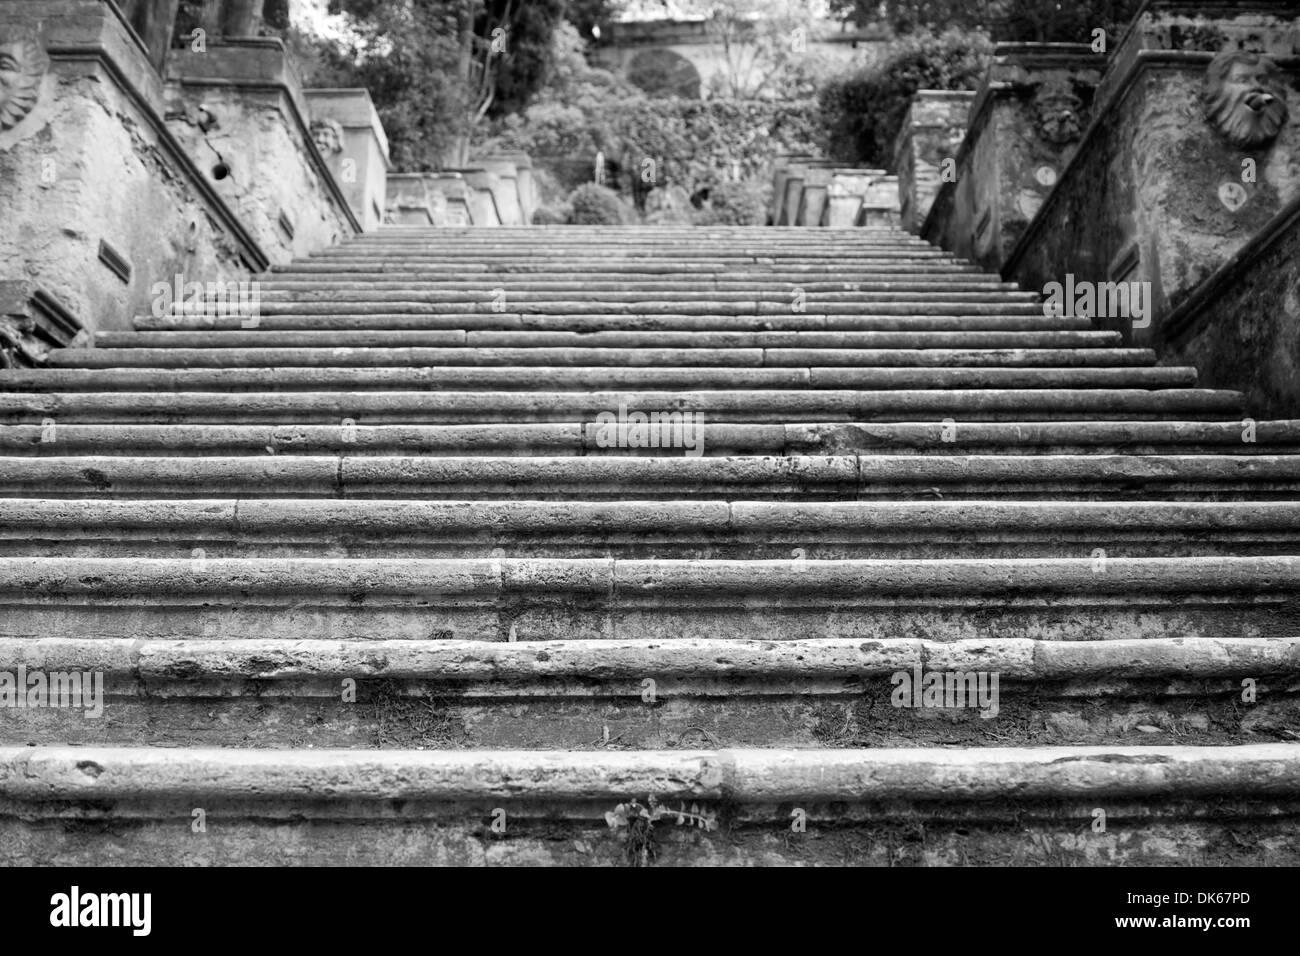 Stone staircase in the garden of Villa d'Este in Tivoli, near Rome, Lazio, Italy - Stock Image